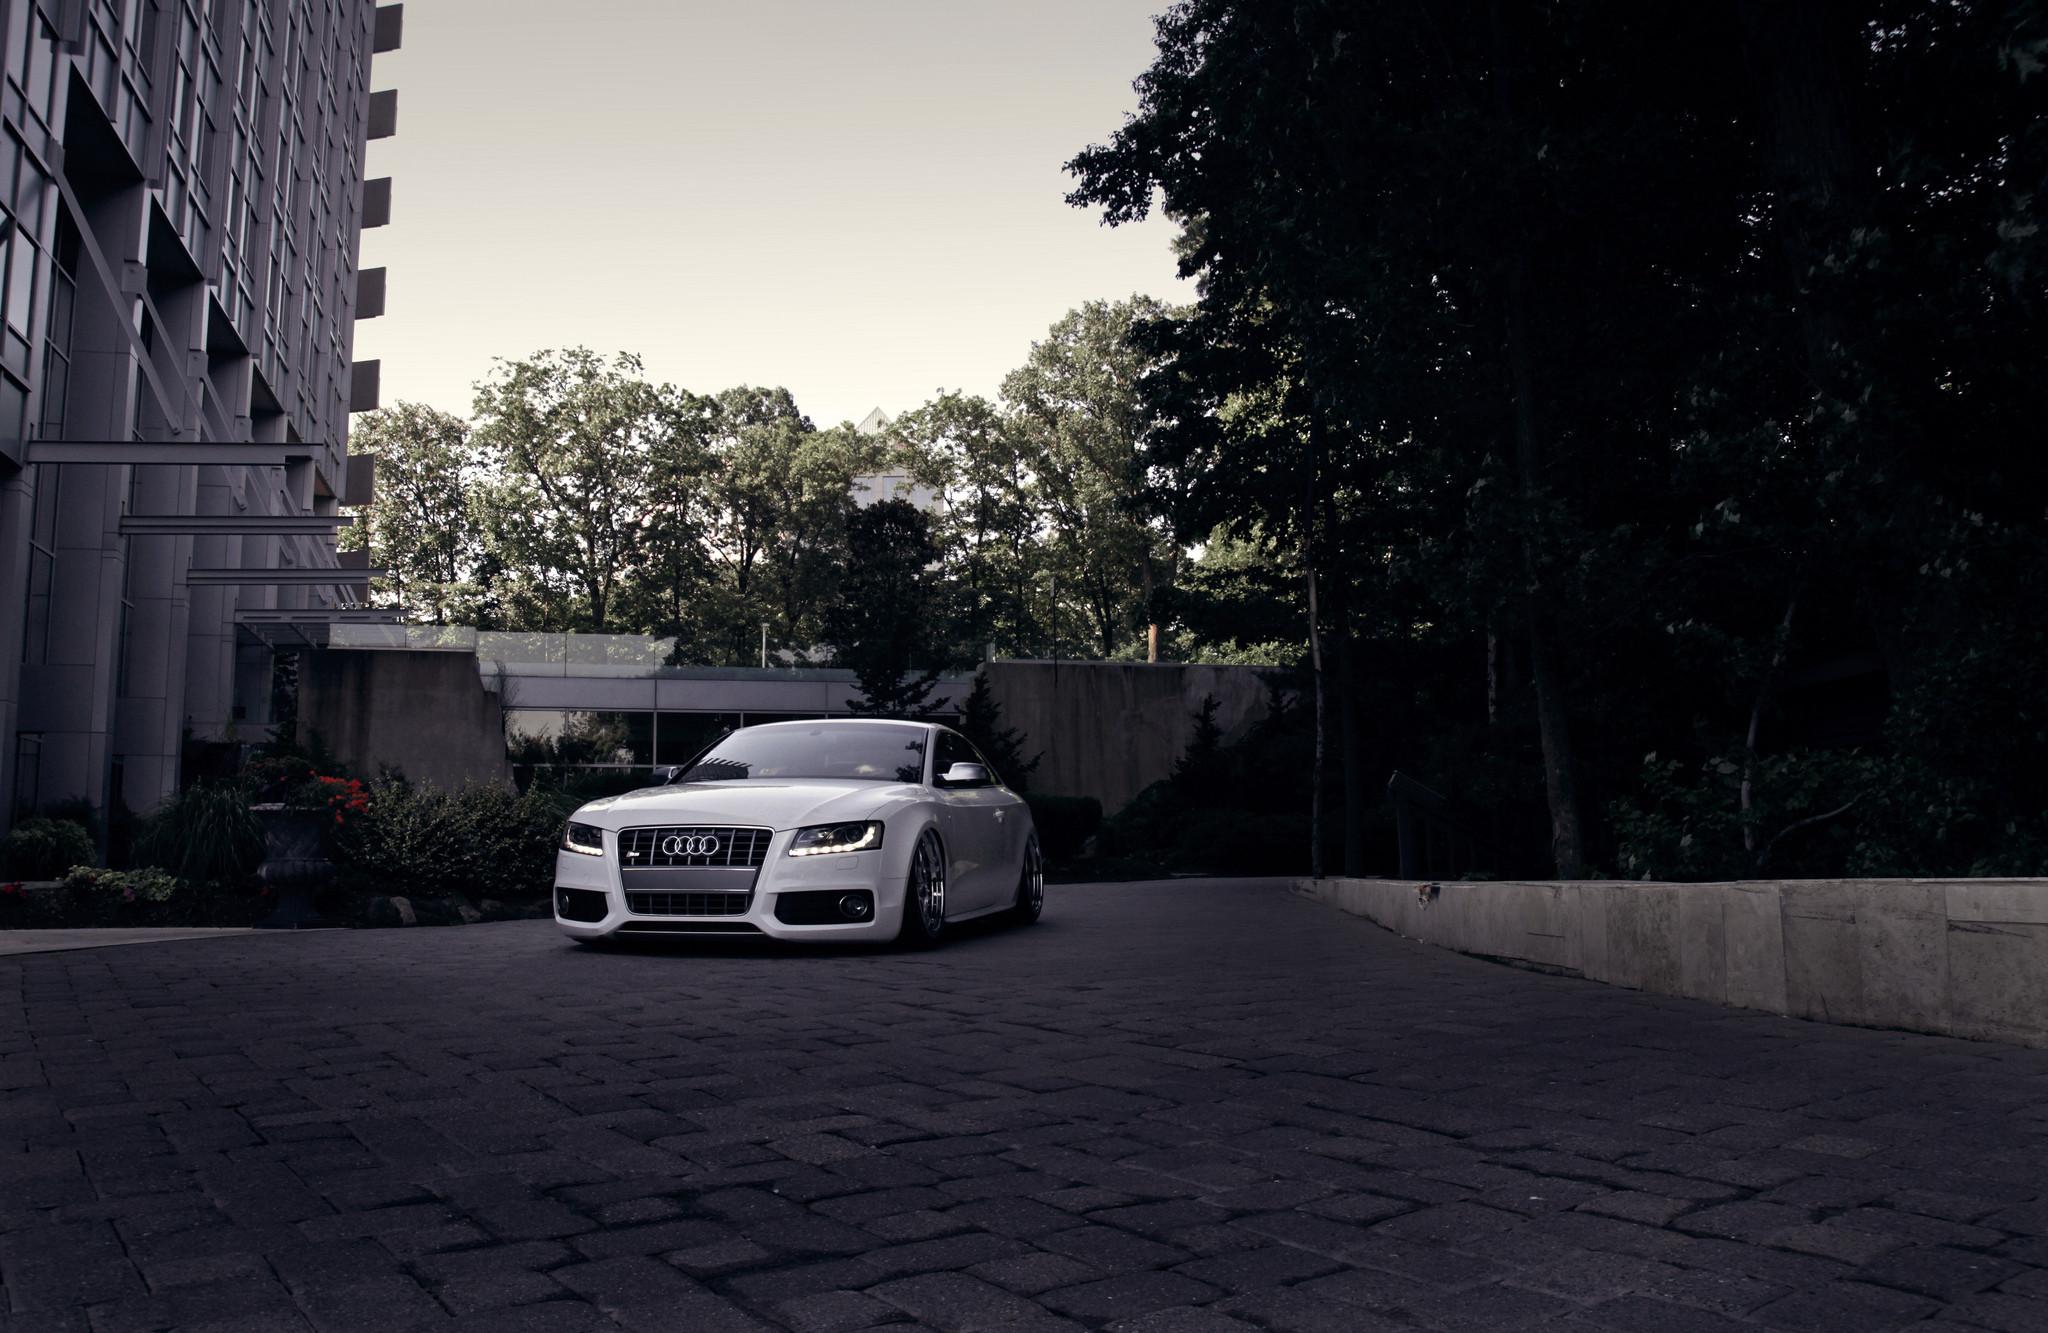 Res: 2048x1333, Audi S5 HD Wallpaper | Hintergrund |  | ID:464746 - Wallpaper Abyss